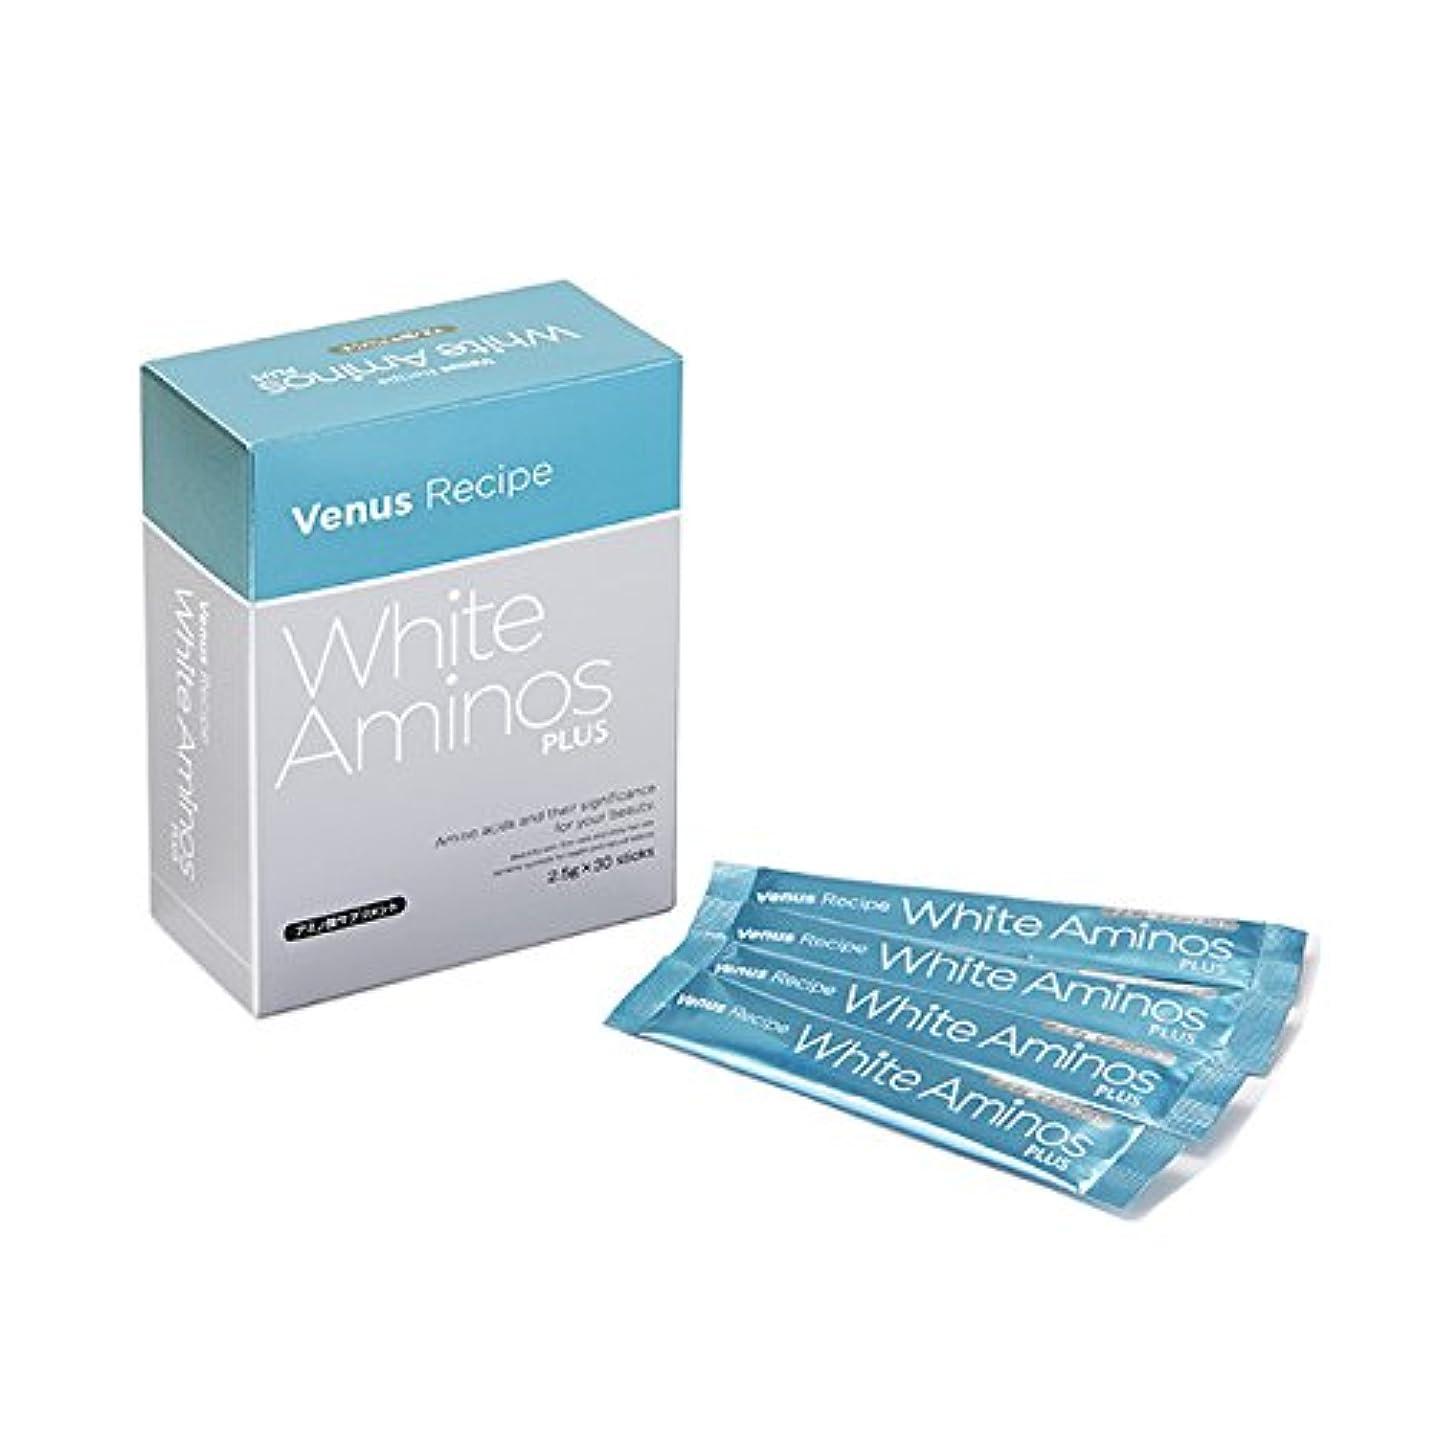 デンマーク語カレッジブームアクシージア (AXXZIA) ヴィーナスレシピ ホワイト アミノズ プラス 75g/1箱(30包×1包2.5g入り)